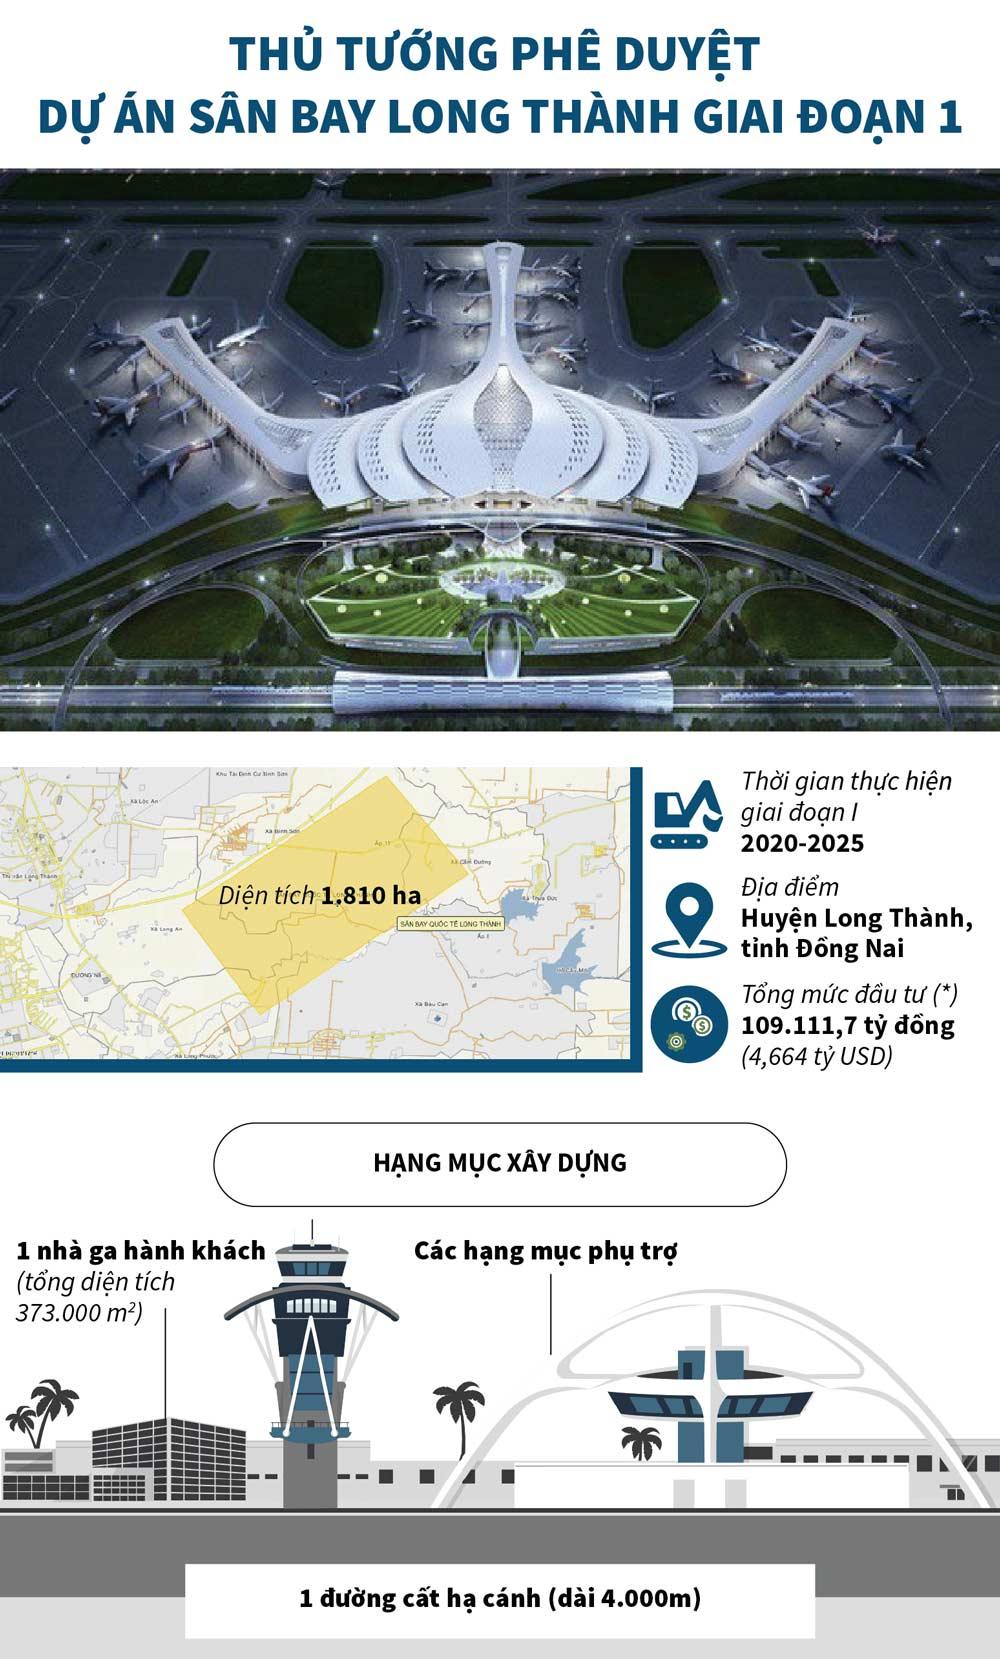 Sân bay Long Thành giai đoạn 1